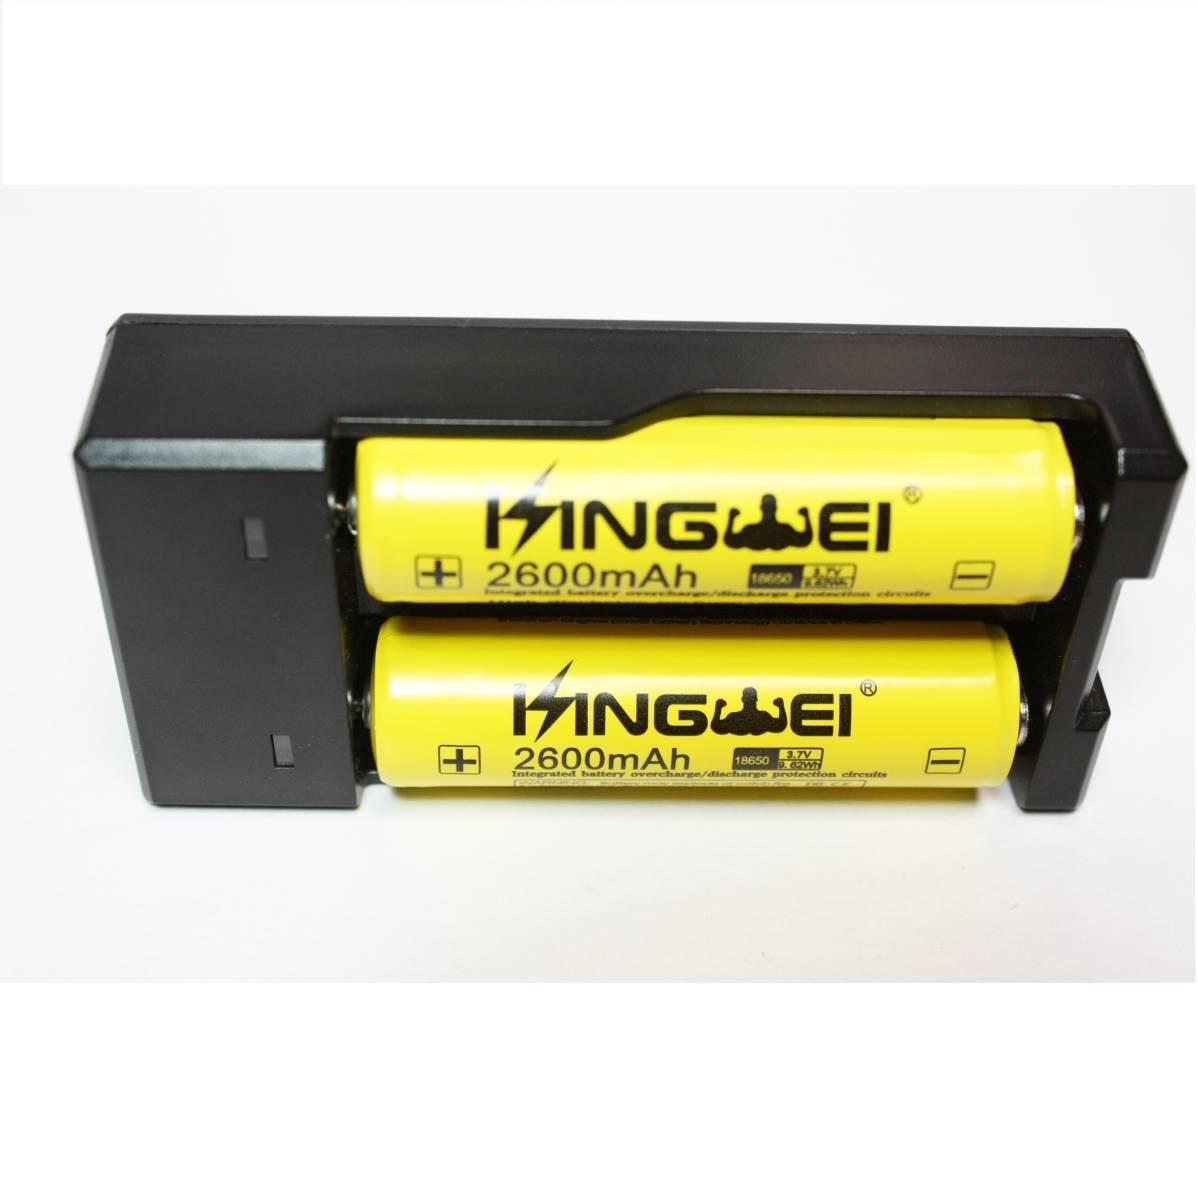 正規容量 18650 経済産業省適合品 リチウムイオン 充電池 2本 + 急速充電器 バッテリー 懐中電灯 ヘッドライト01_画像2